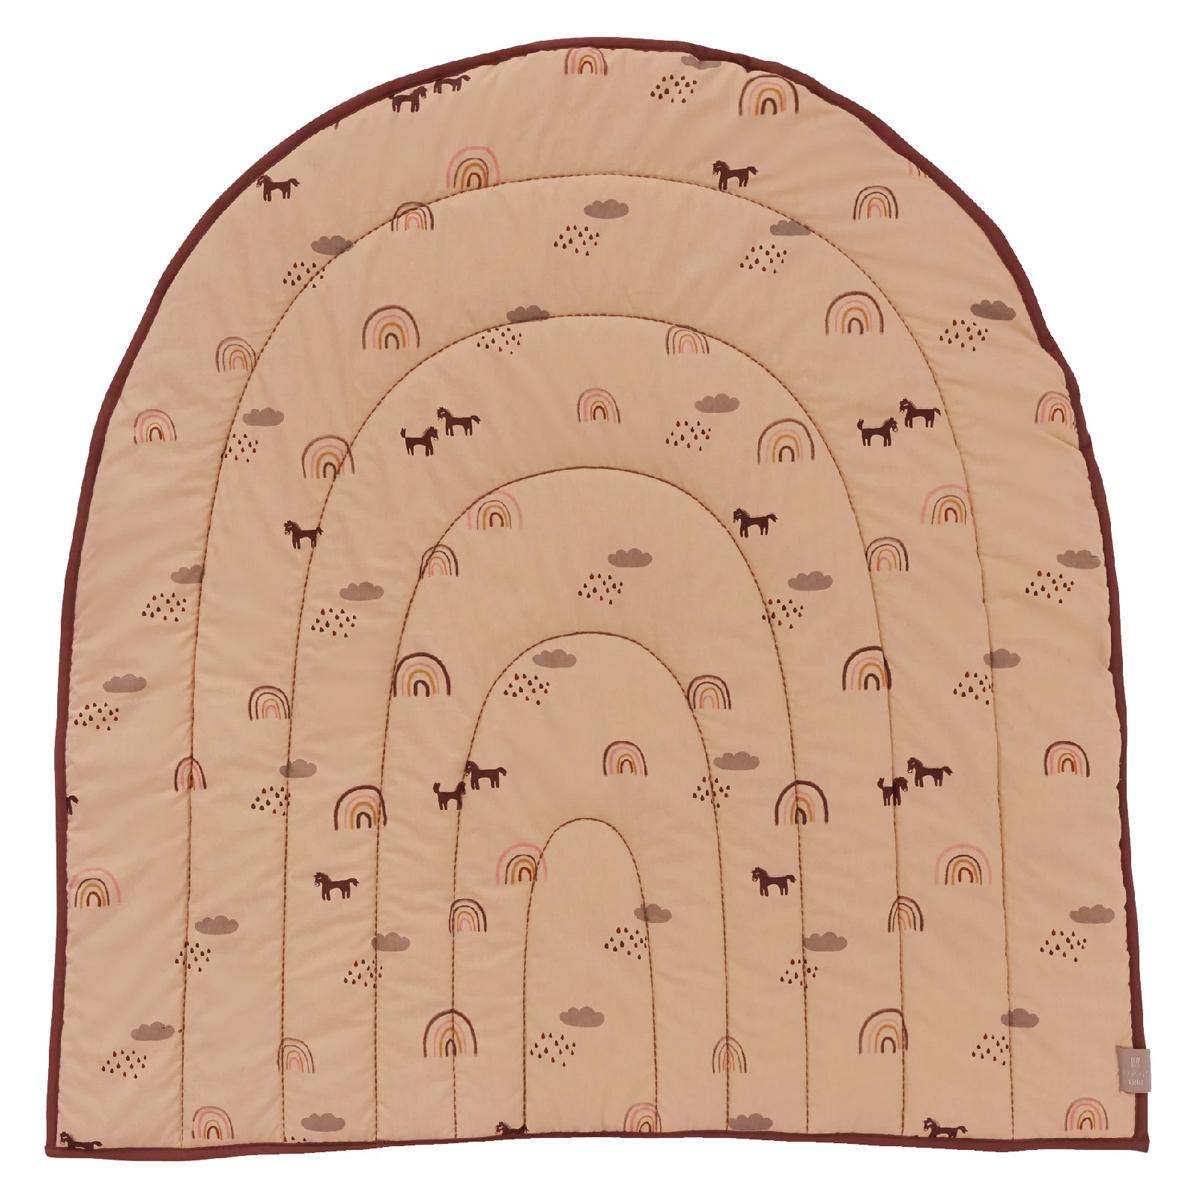 Linge de lit Couverture Matelassée Rainbow - Rose OYOY - AR201908300065